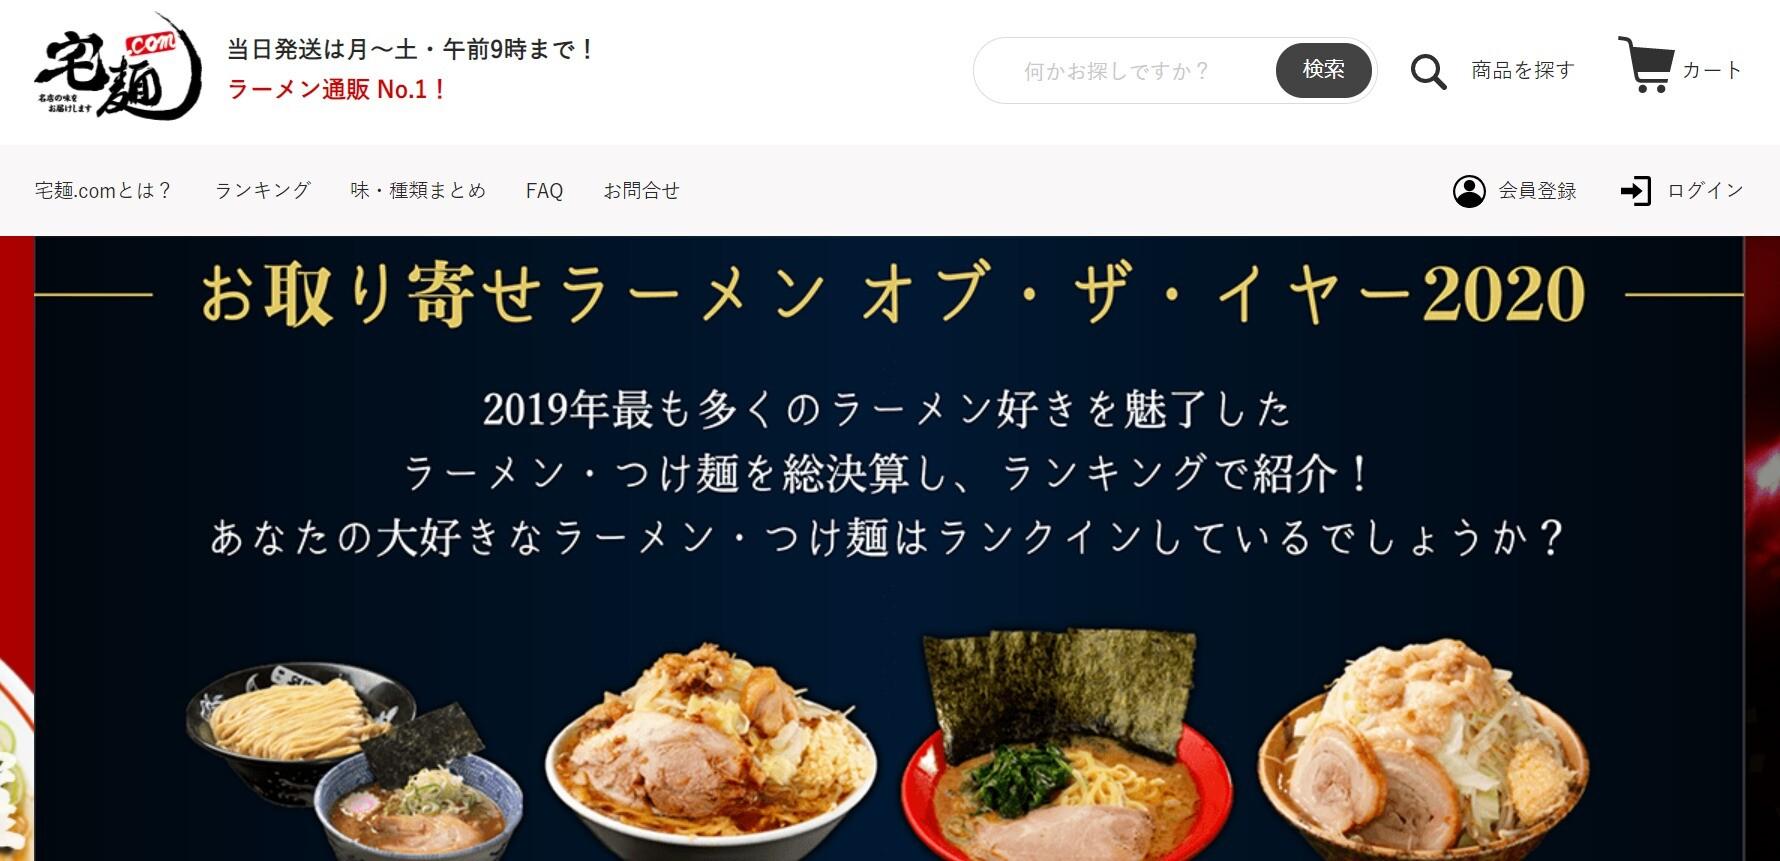 Com 宅 麺